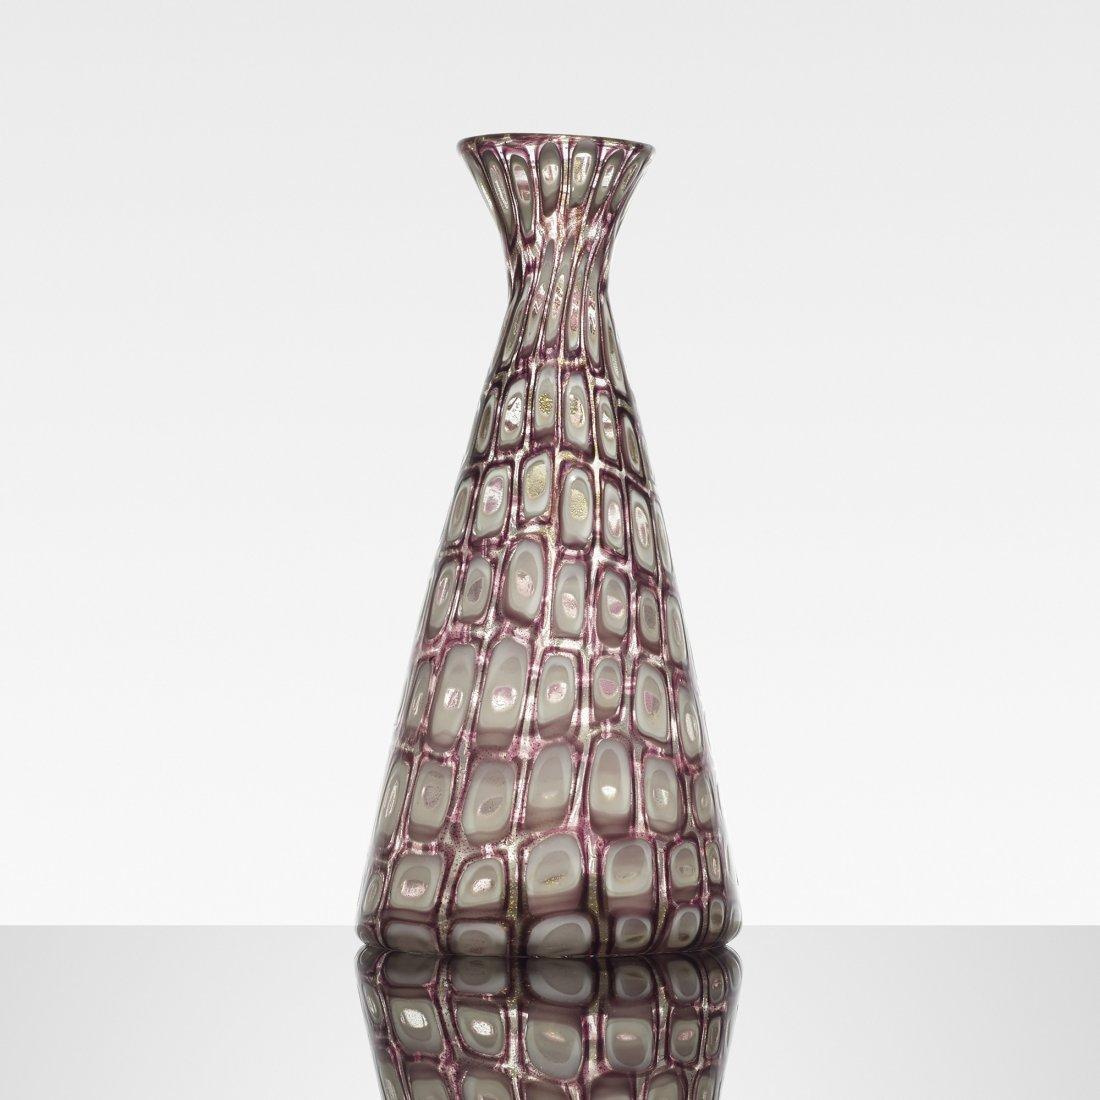 Ercole Barovier Murrino vase